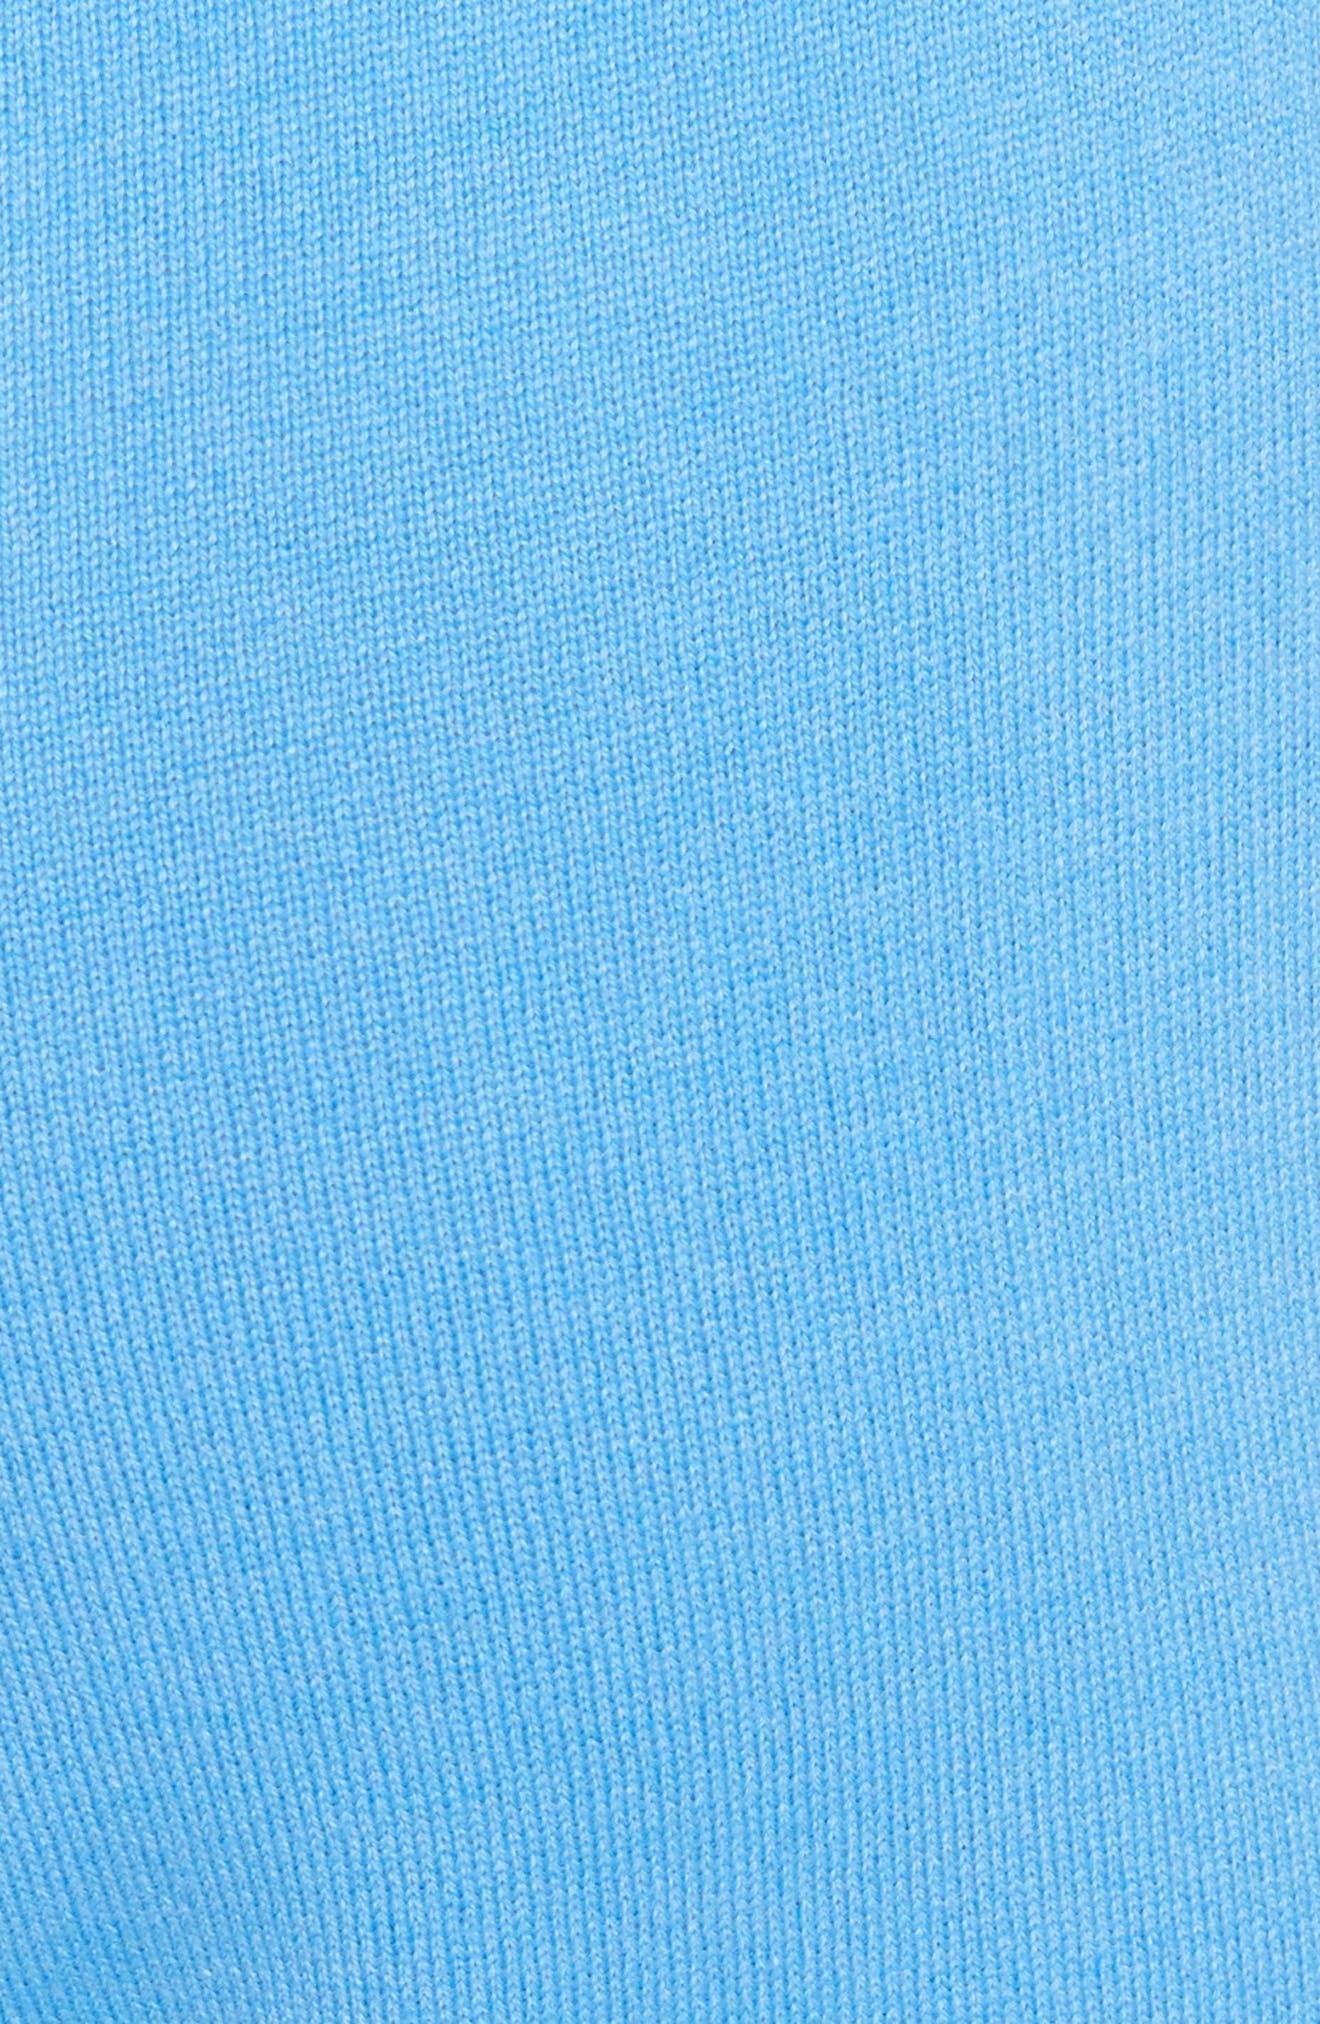 Cashmere Jersey Pants,                             Alternate thumbnail 5, color,                             420